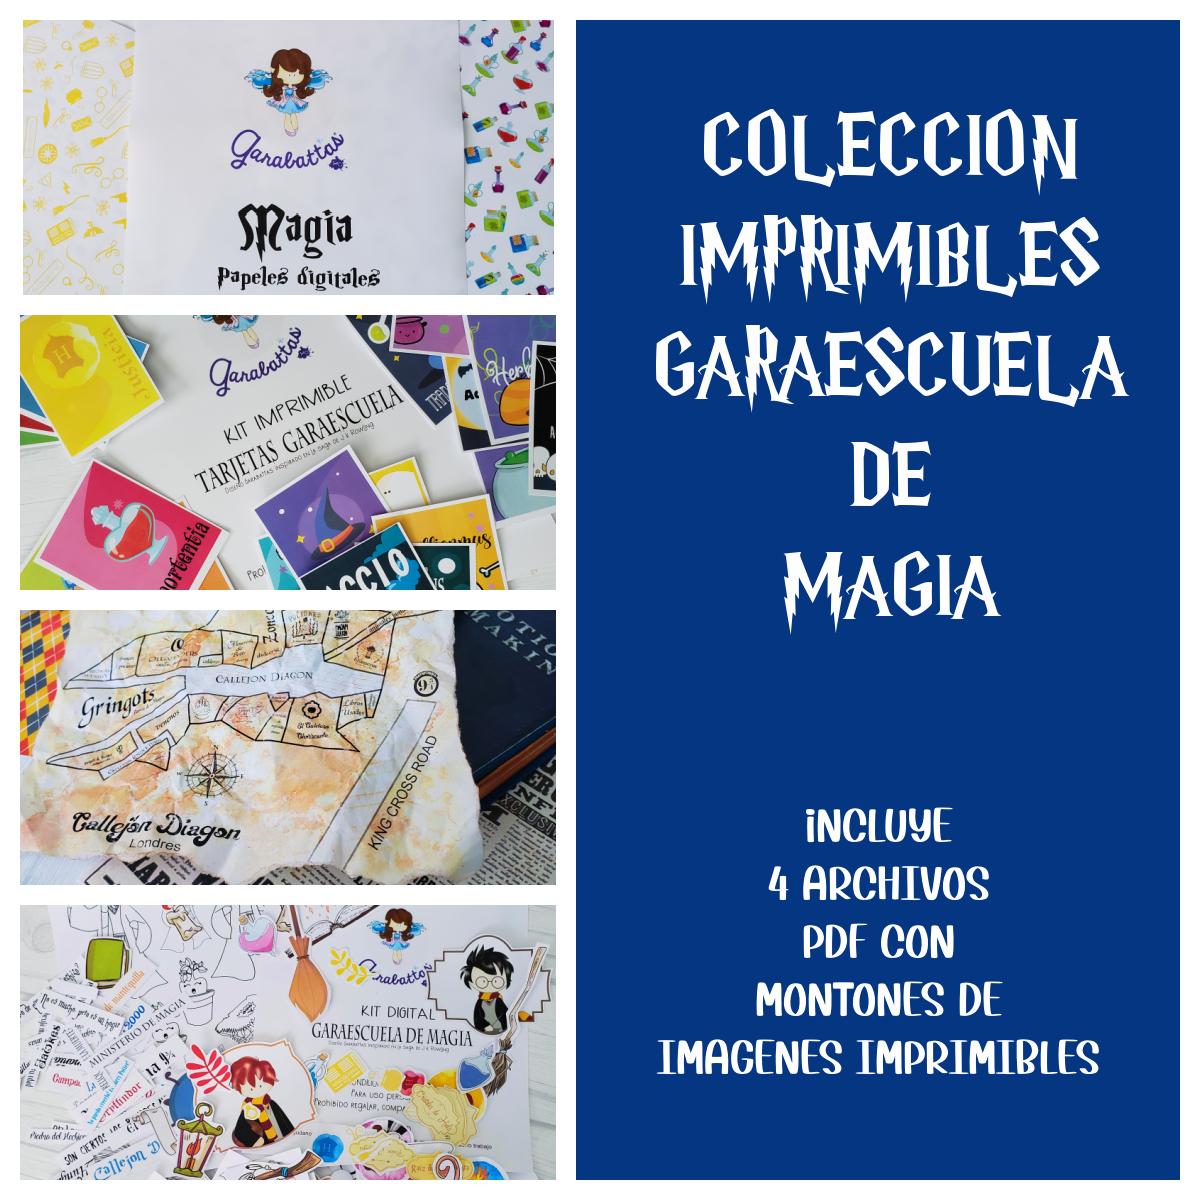 COLECCION IMPRIMIBLES GARAESCUELA